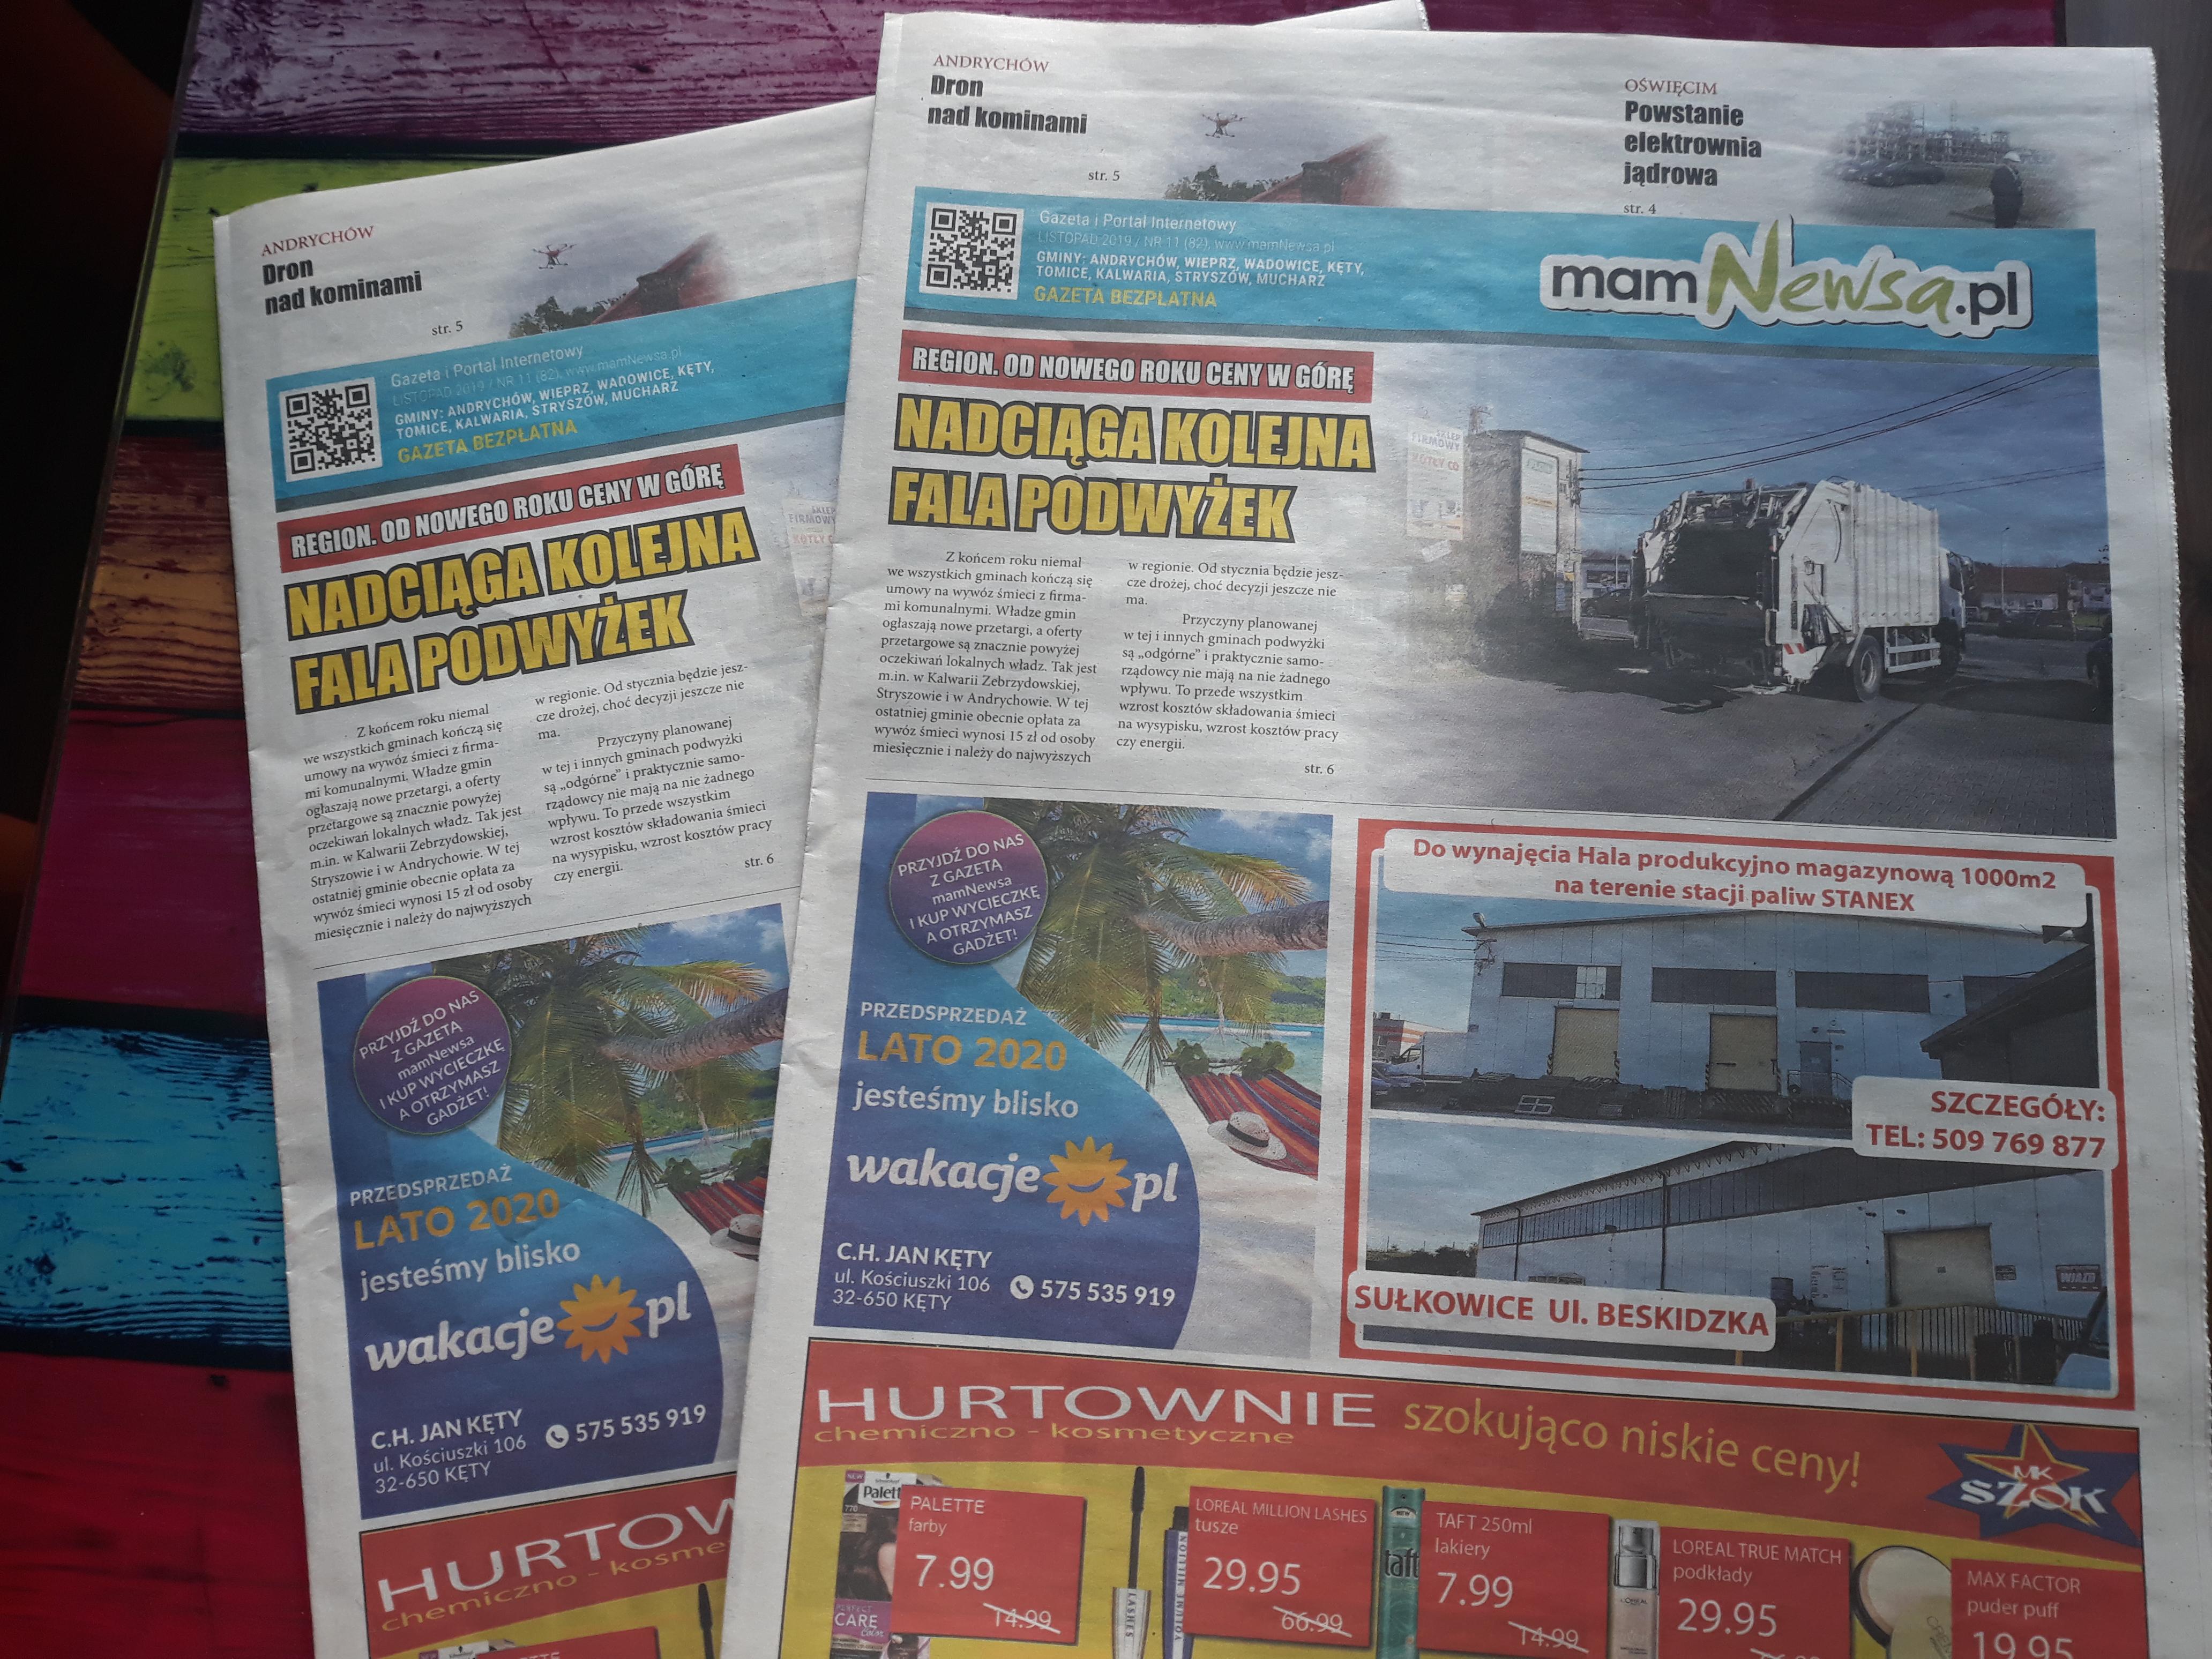 Gratis w listopadowym wydaniu gazety mamNewsa